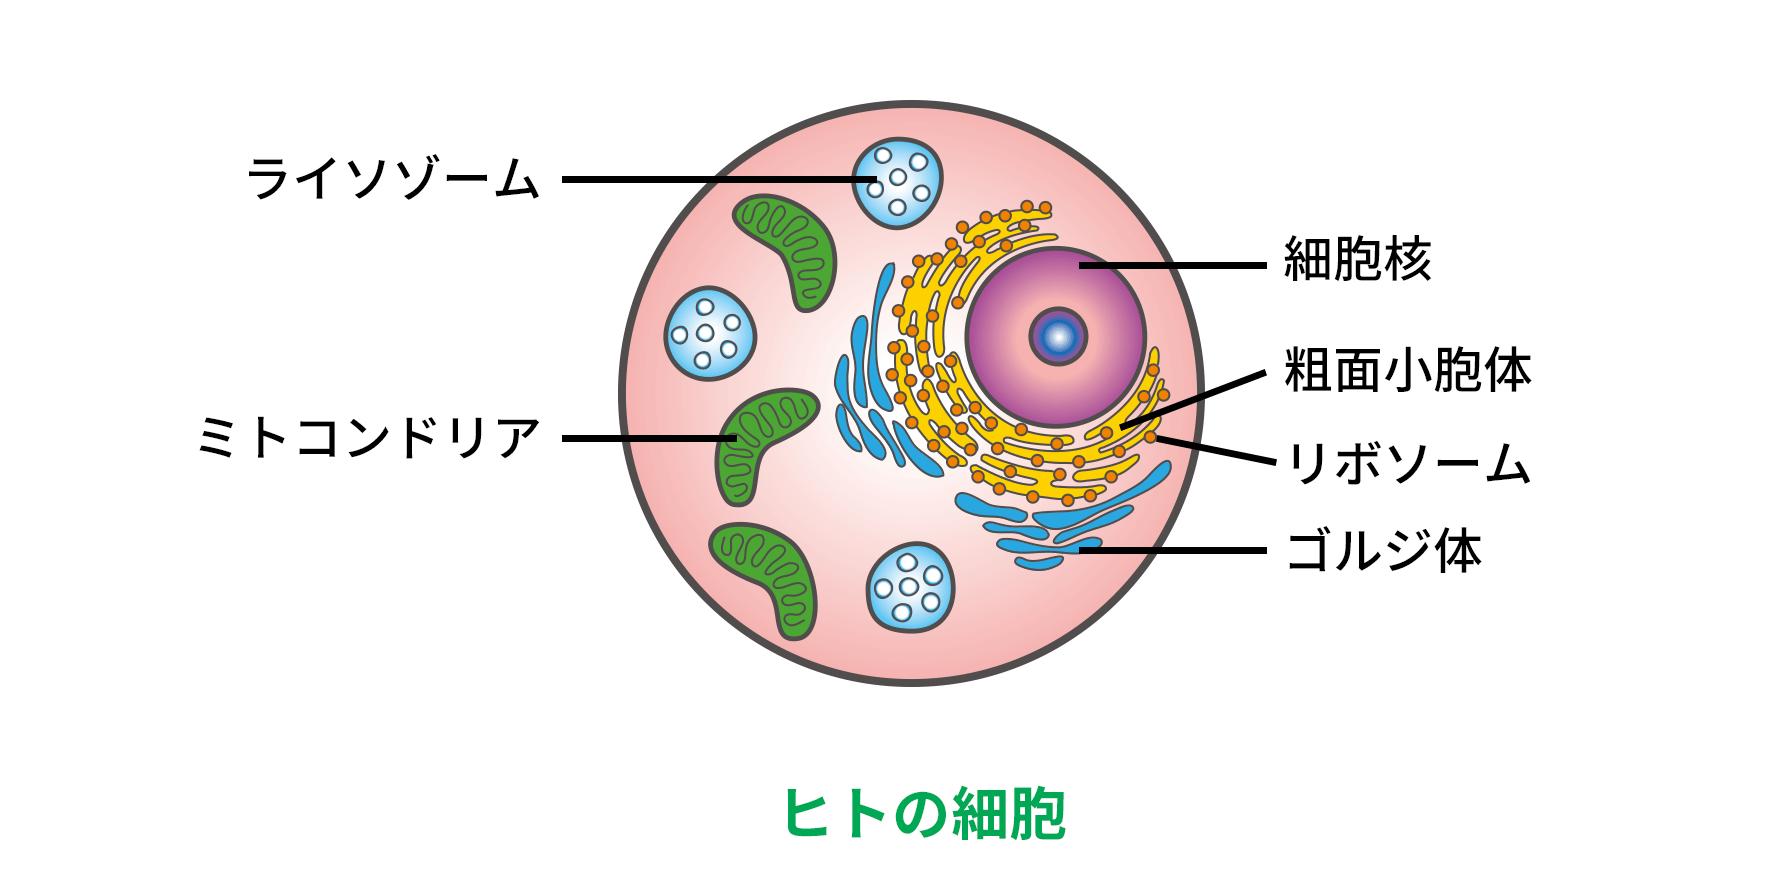 細胞小器官